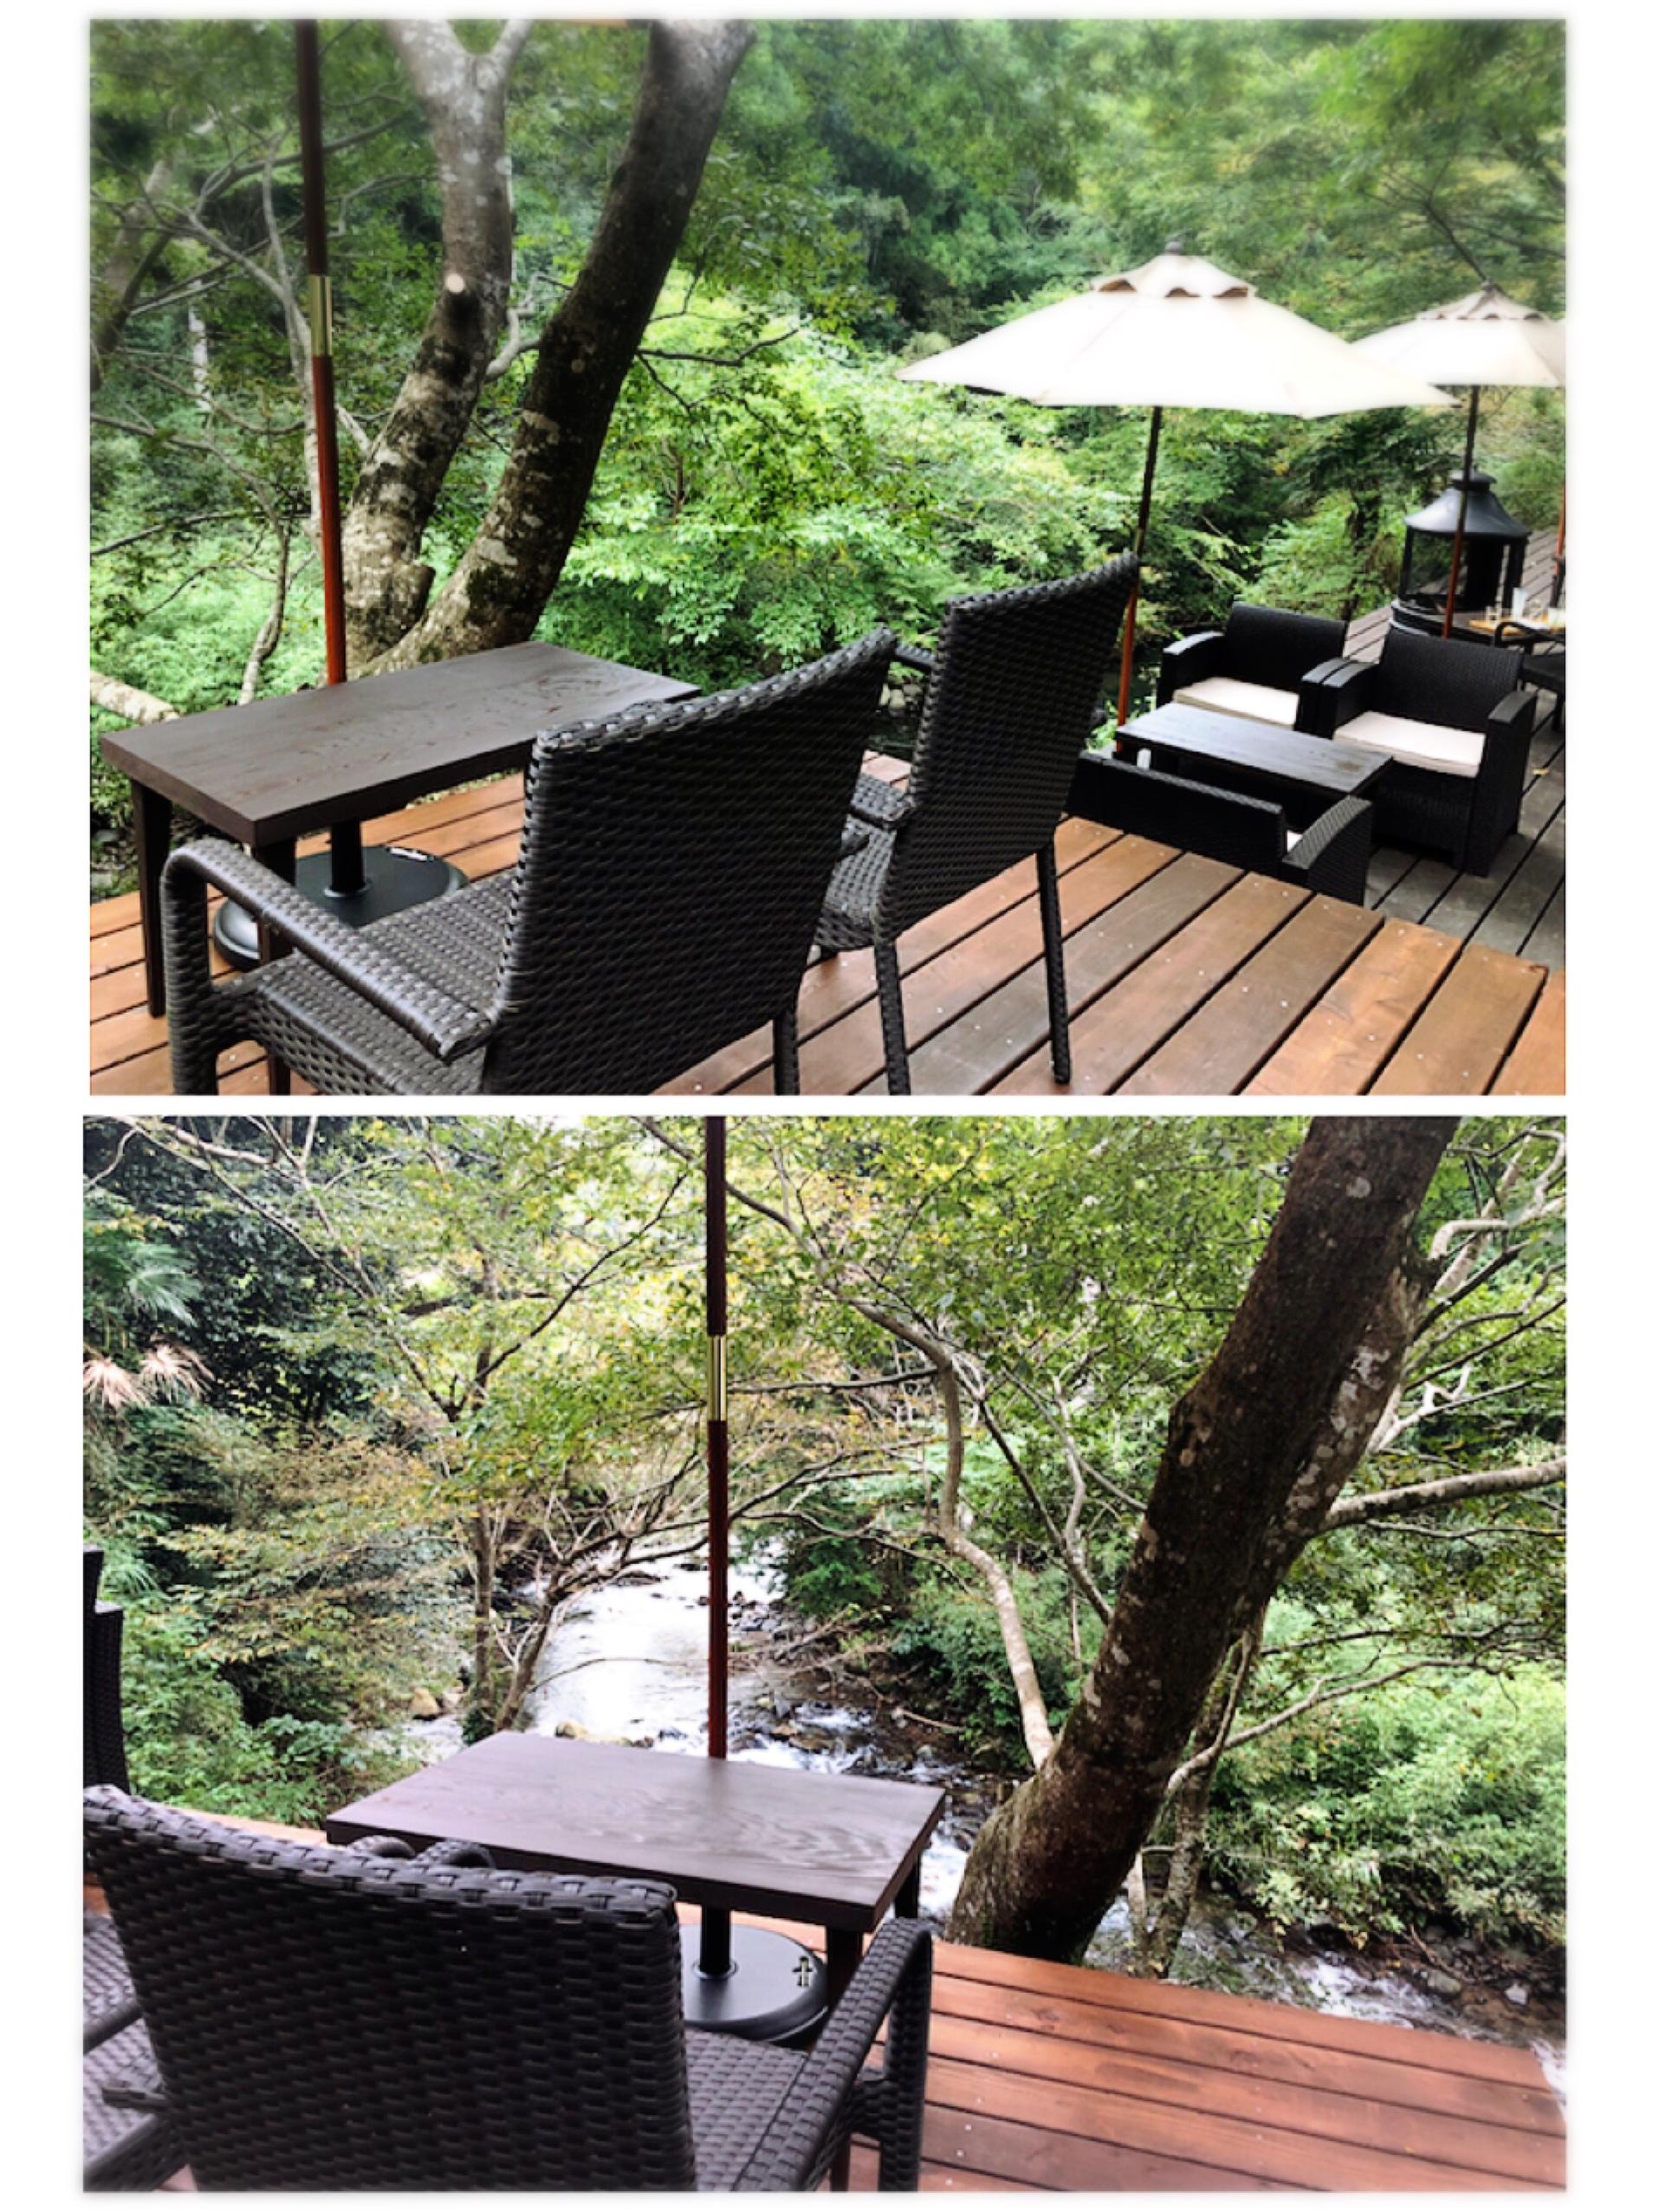 【#伊豆】渓流を眺めながら川床テラス席でリラックス♩静岡県産の抹茶が魅力!自然に癒されのんびりティータイムを☕︎_8